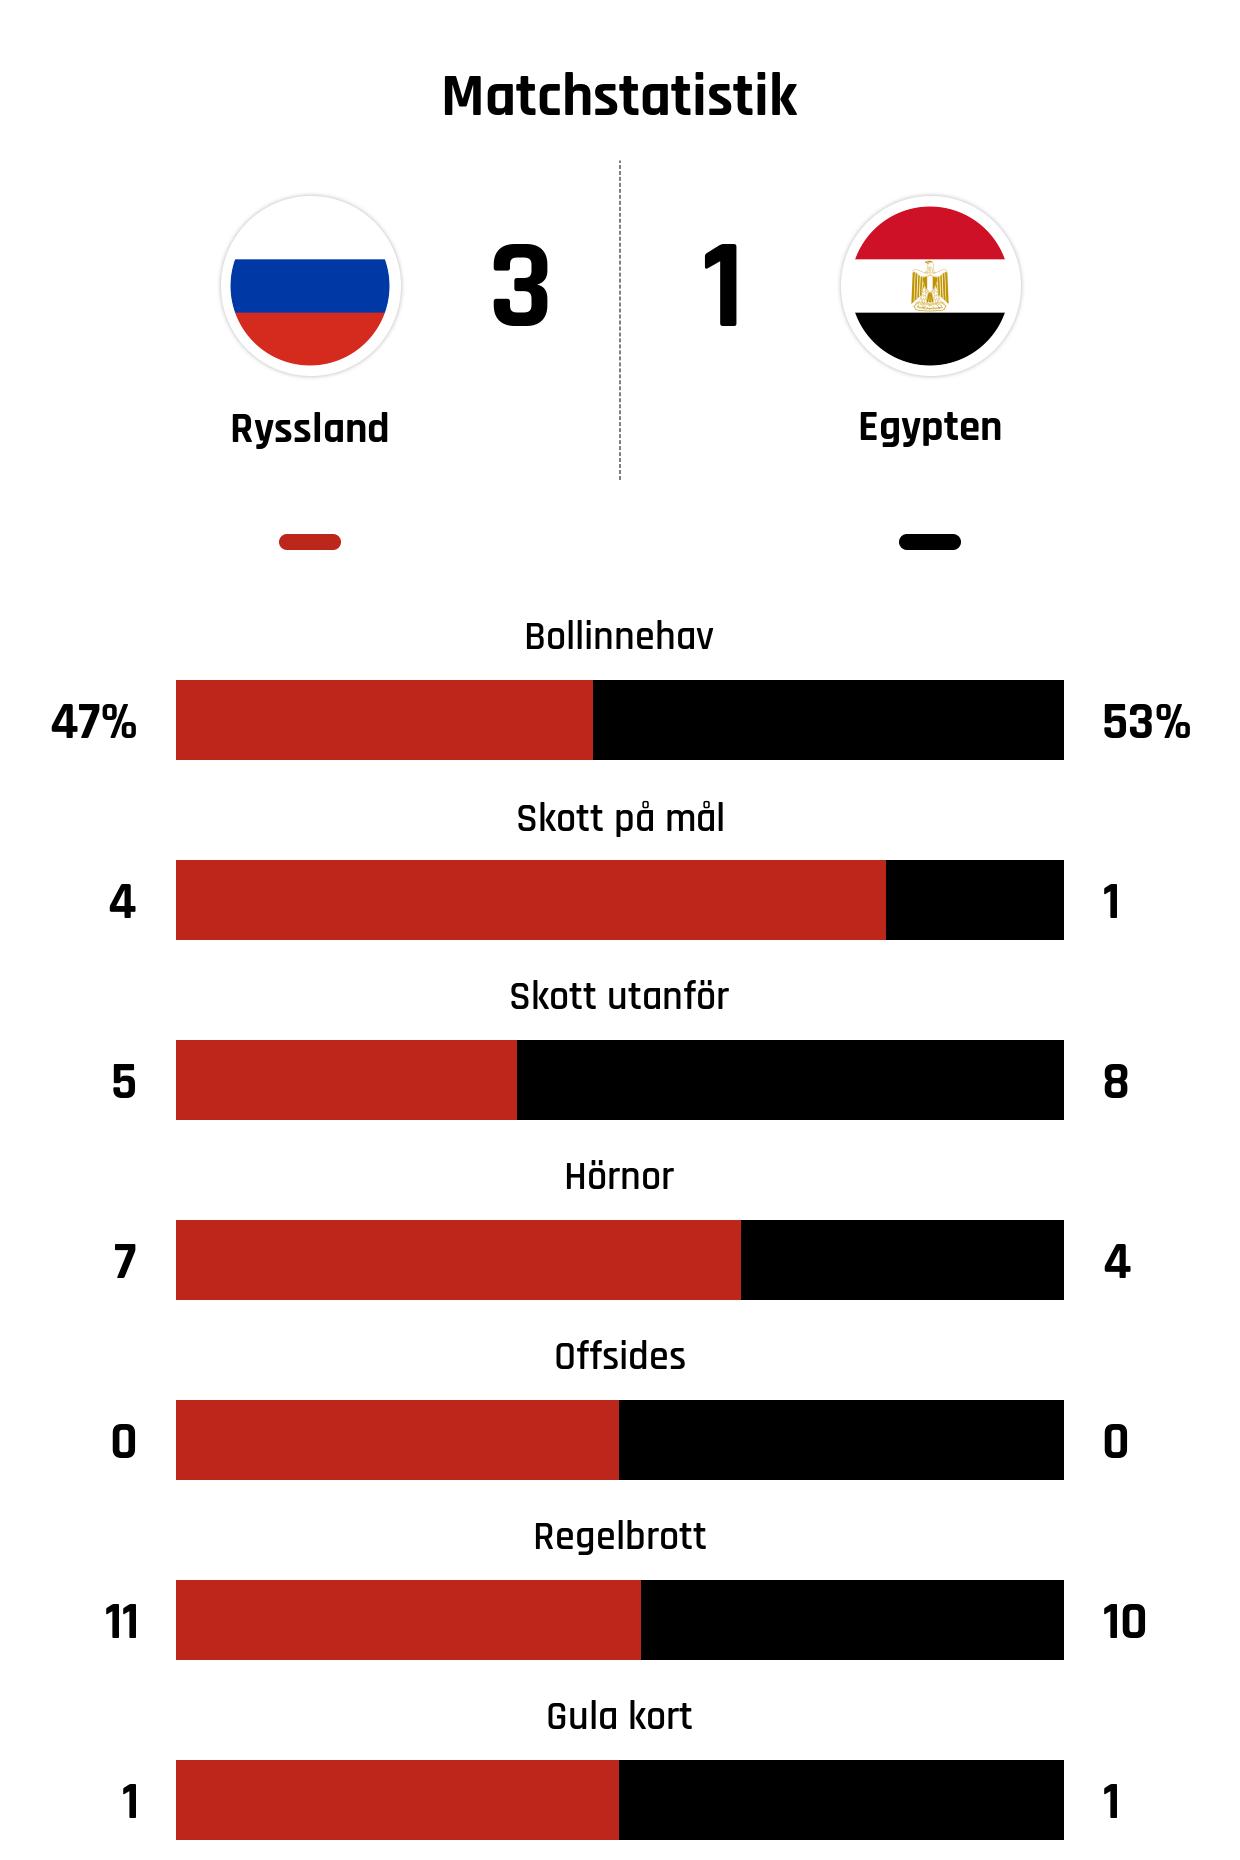 Bollinnehav 47%-53%<br />Skott på mål 4-1<br />Skott utanför 5-8<br />Hörnor 7-4<br />Offsides 0-0<br />Regelbrott 11-10<br />Gula kort 1-1